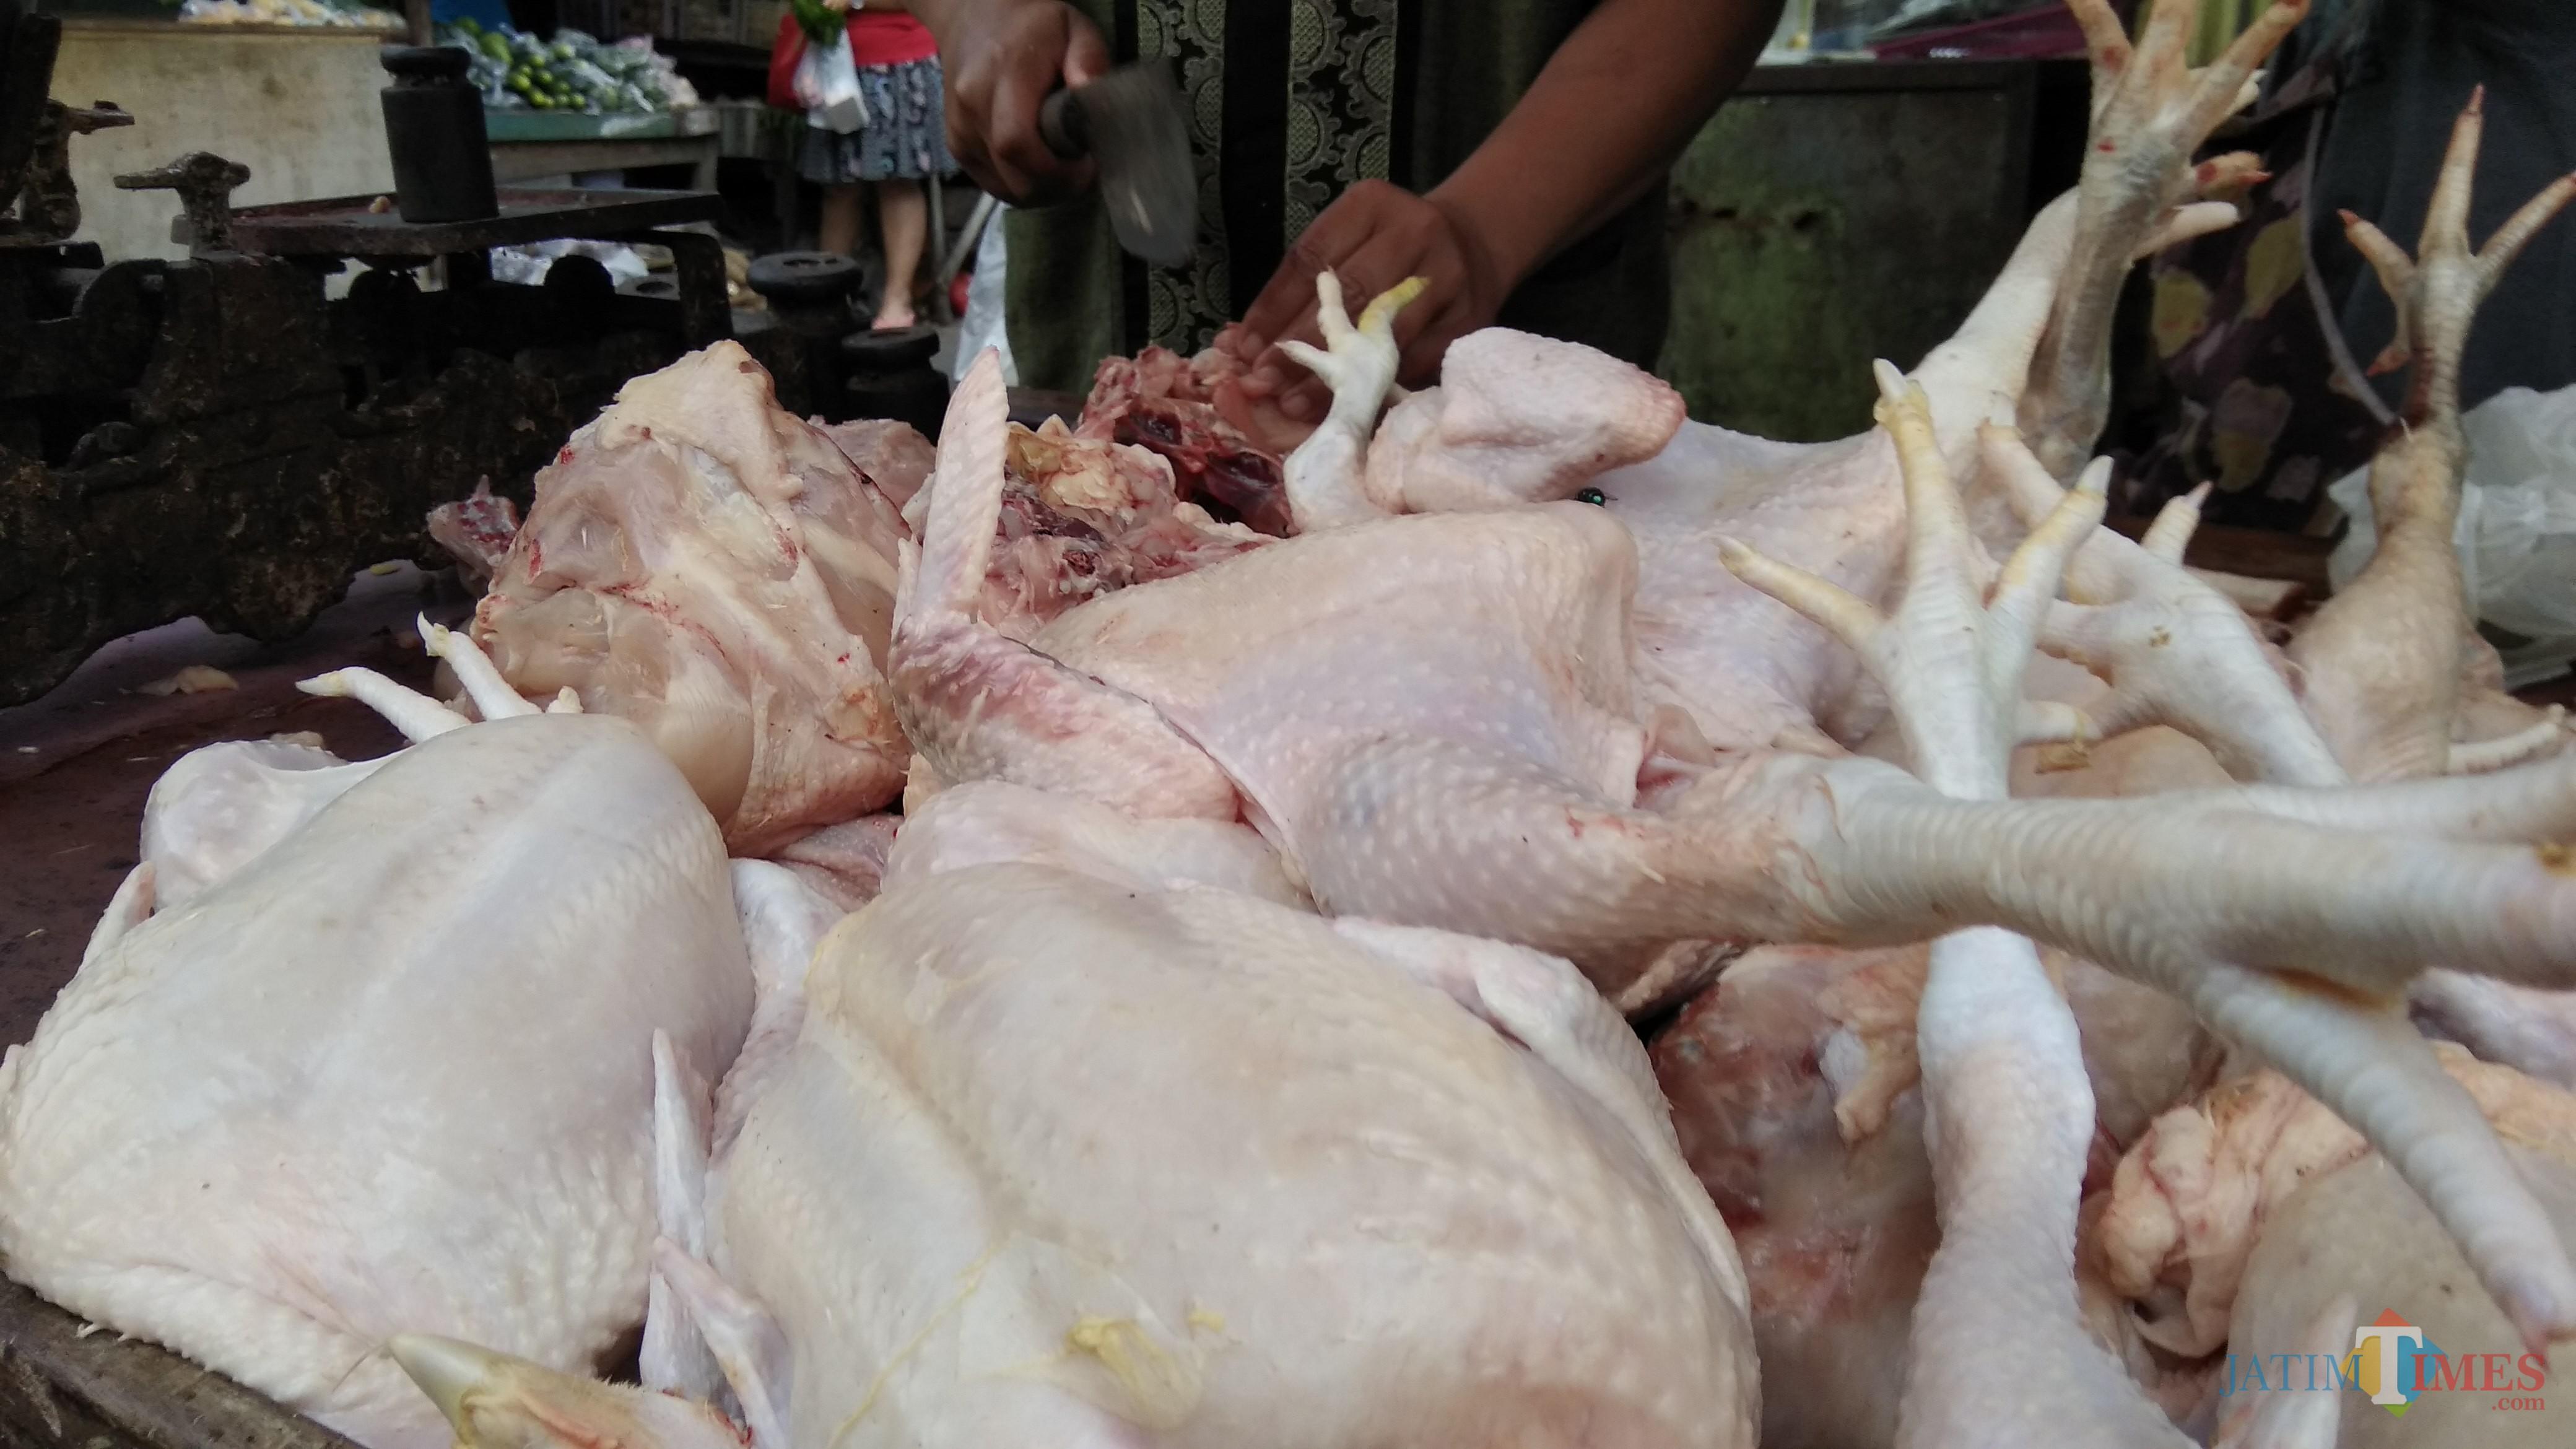 Pedagang ayam tengah melayani pembeli di Pasar Blimbing, Kota Malang. (Foto: Nurlayla Ratri/MalangTIMES)